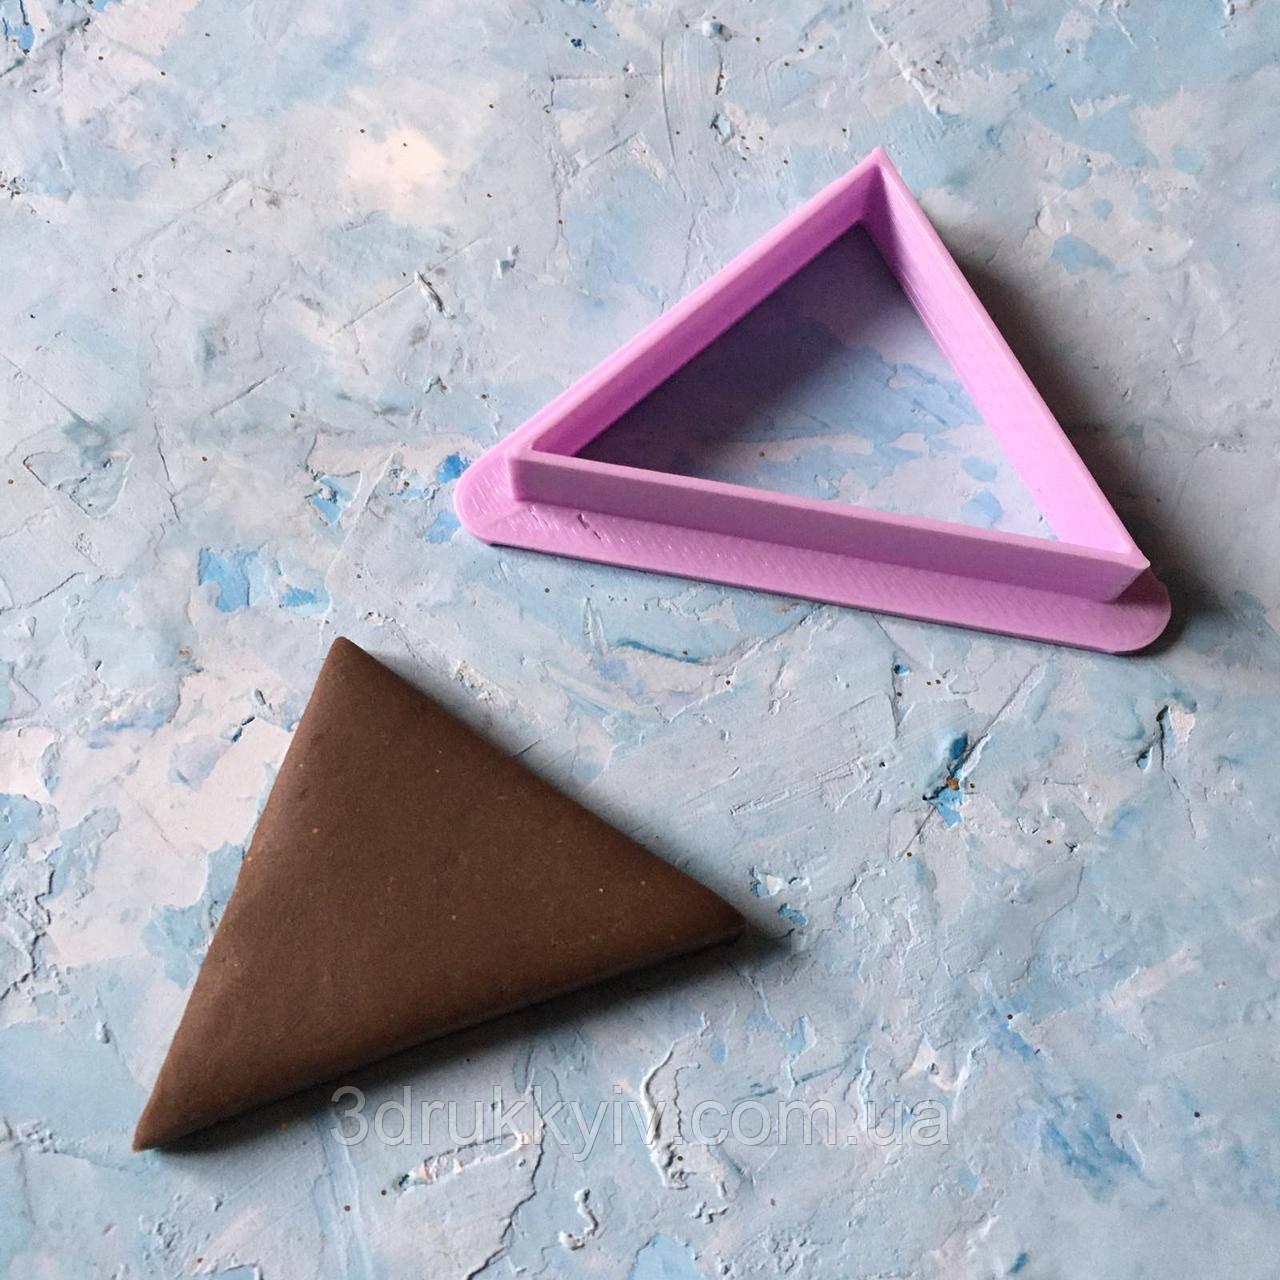 """Вирубка - формочка для пряників """"Трикутник #1"""" / Вирубка - формочка для пряників """"Трикутник #1"""""""